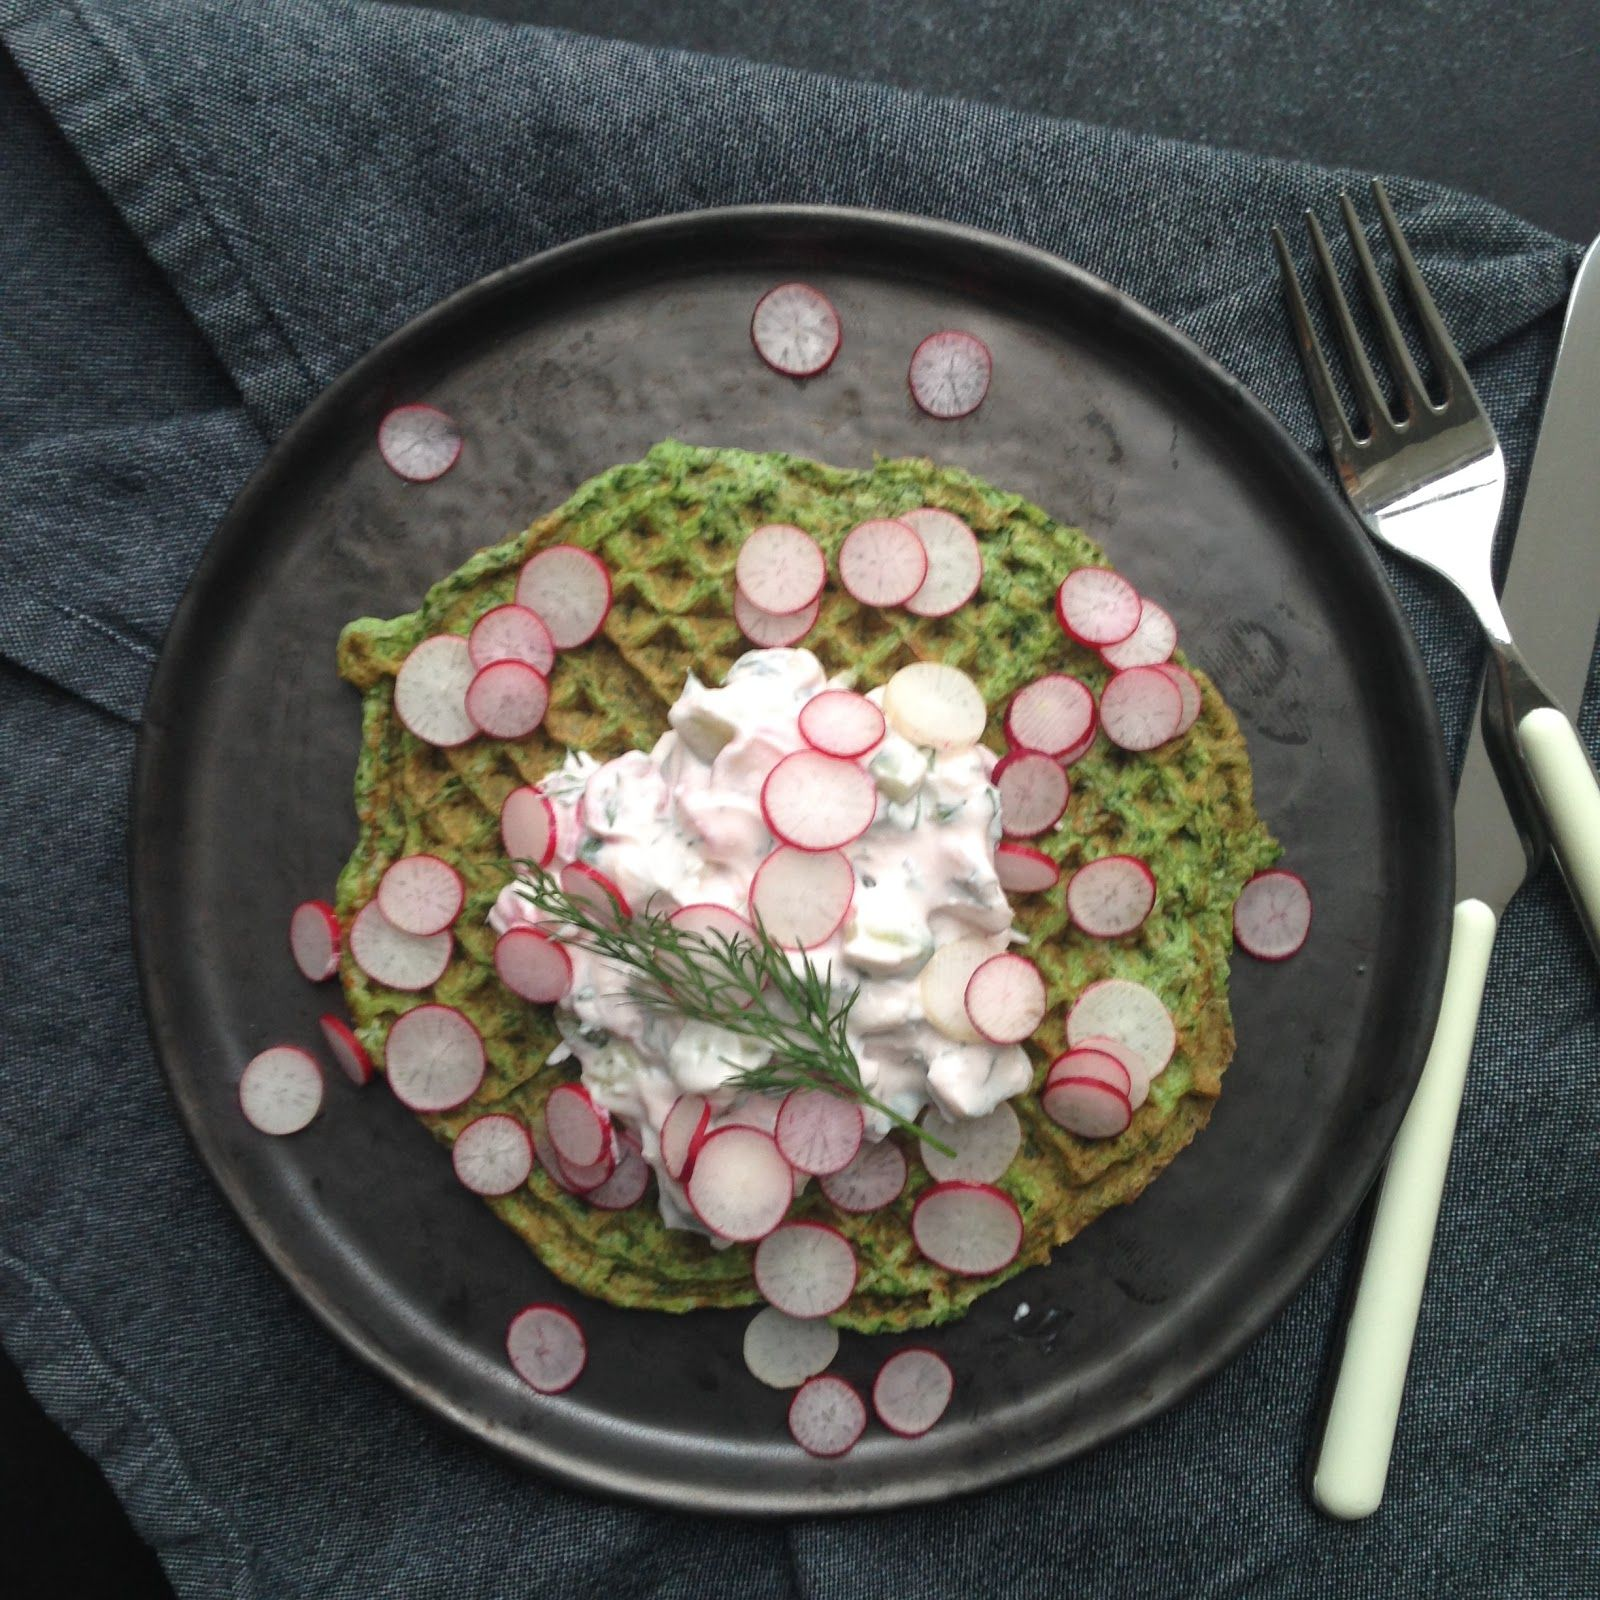 Spinatvafler, rygeost fra Arla unika & et restaurant tip